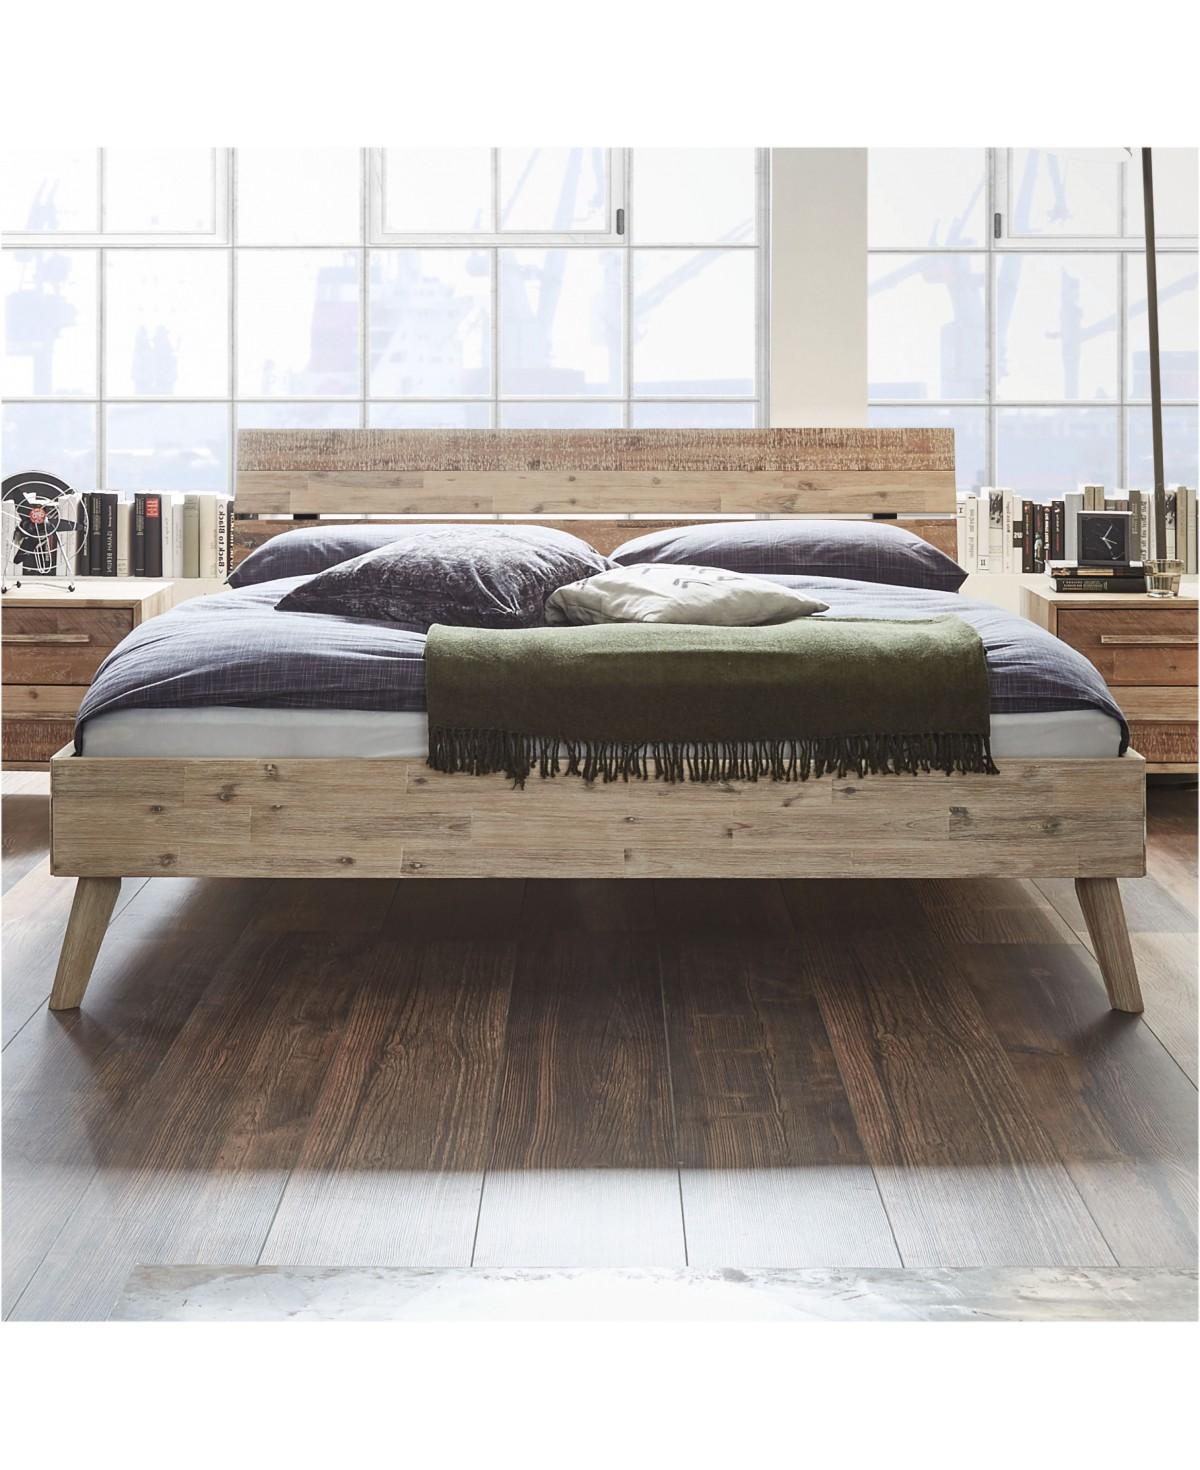 Full Size of Amerikanische Betten Bette Duschwanne Regal Weiß Holz Bett Mit Lattenrost Kopfteil 140 Tagesdecken Für Esstisch Ausziehbar Schreibtisch Bad Kommode Bett Bett Weiß 120x200